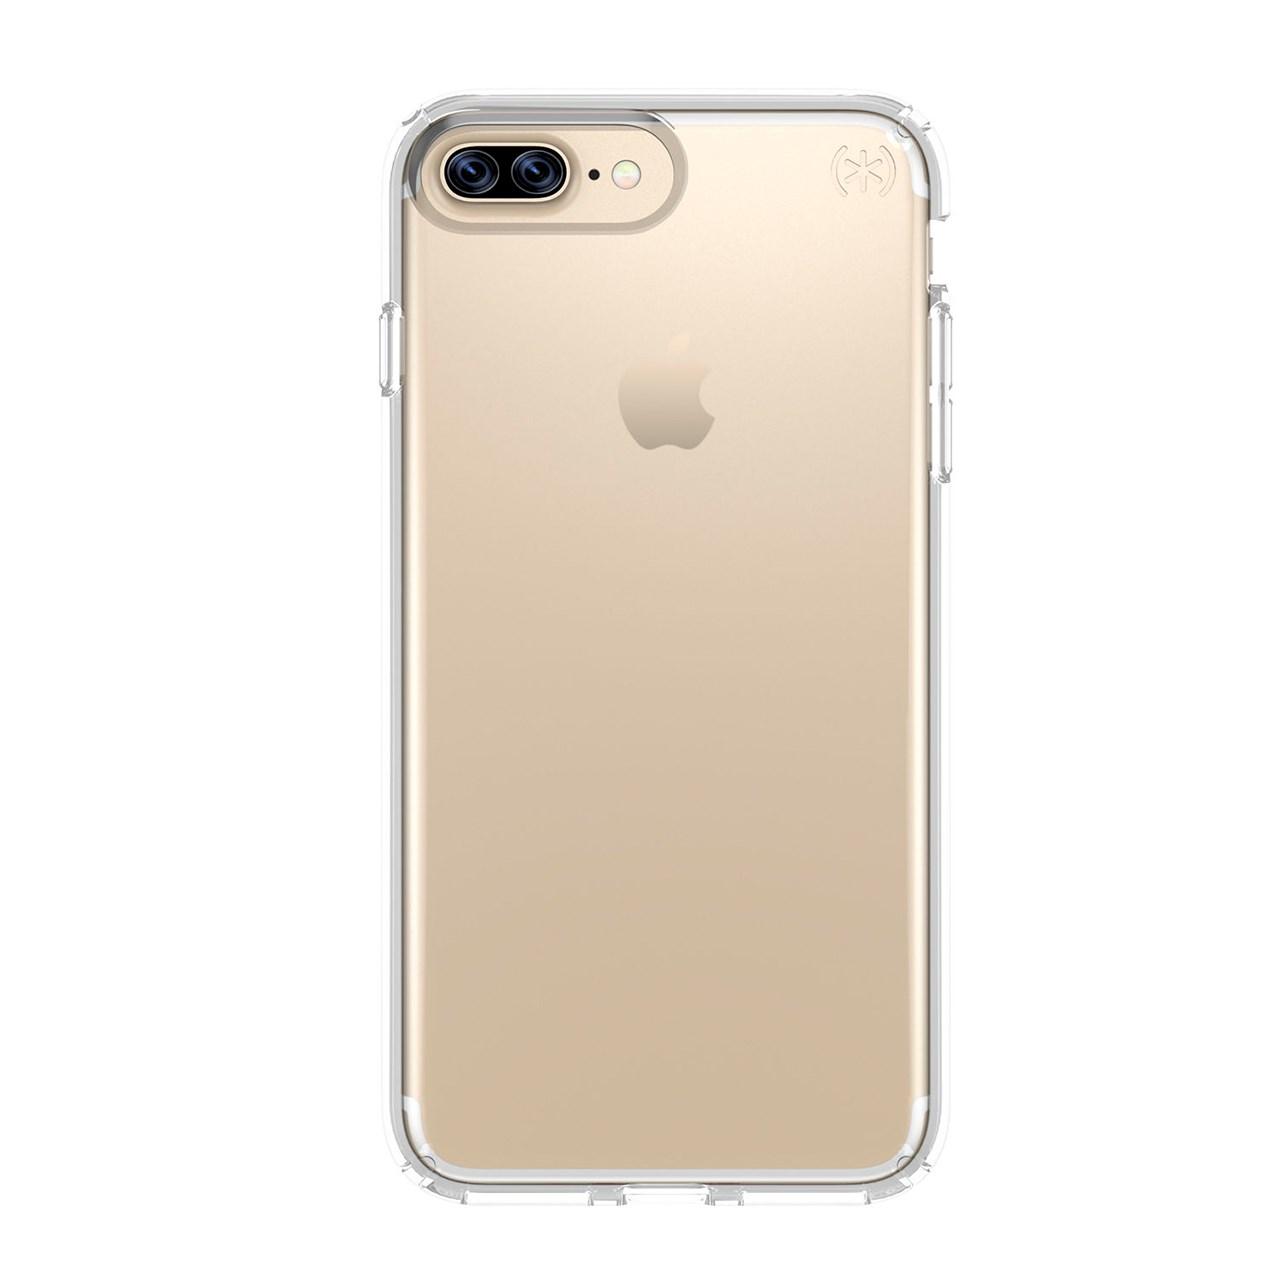 کاور اسپک مدل Presidio Clear مناسب برای گوشی موبایل آیفون 7Plus و 8Plus